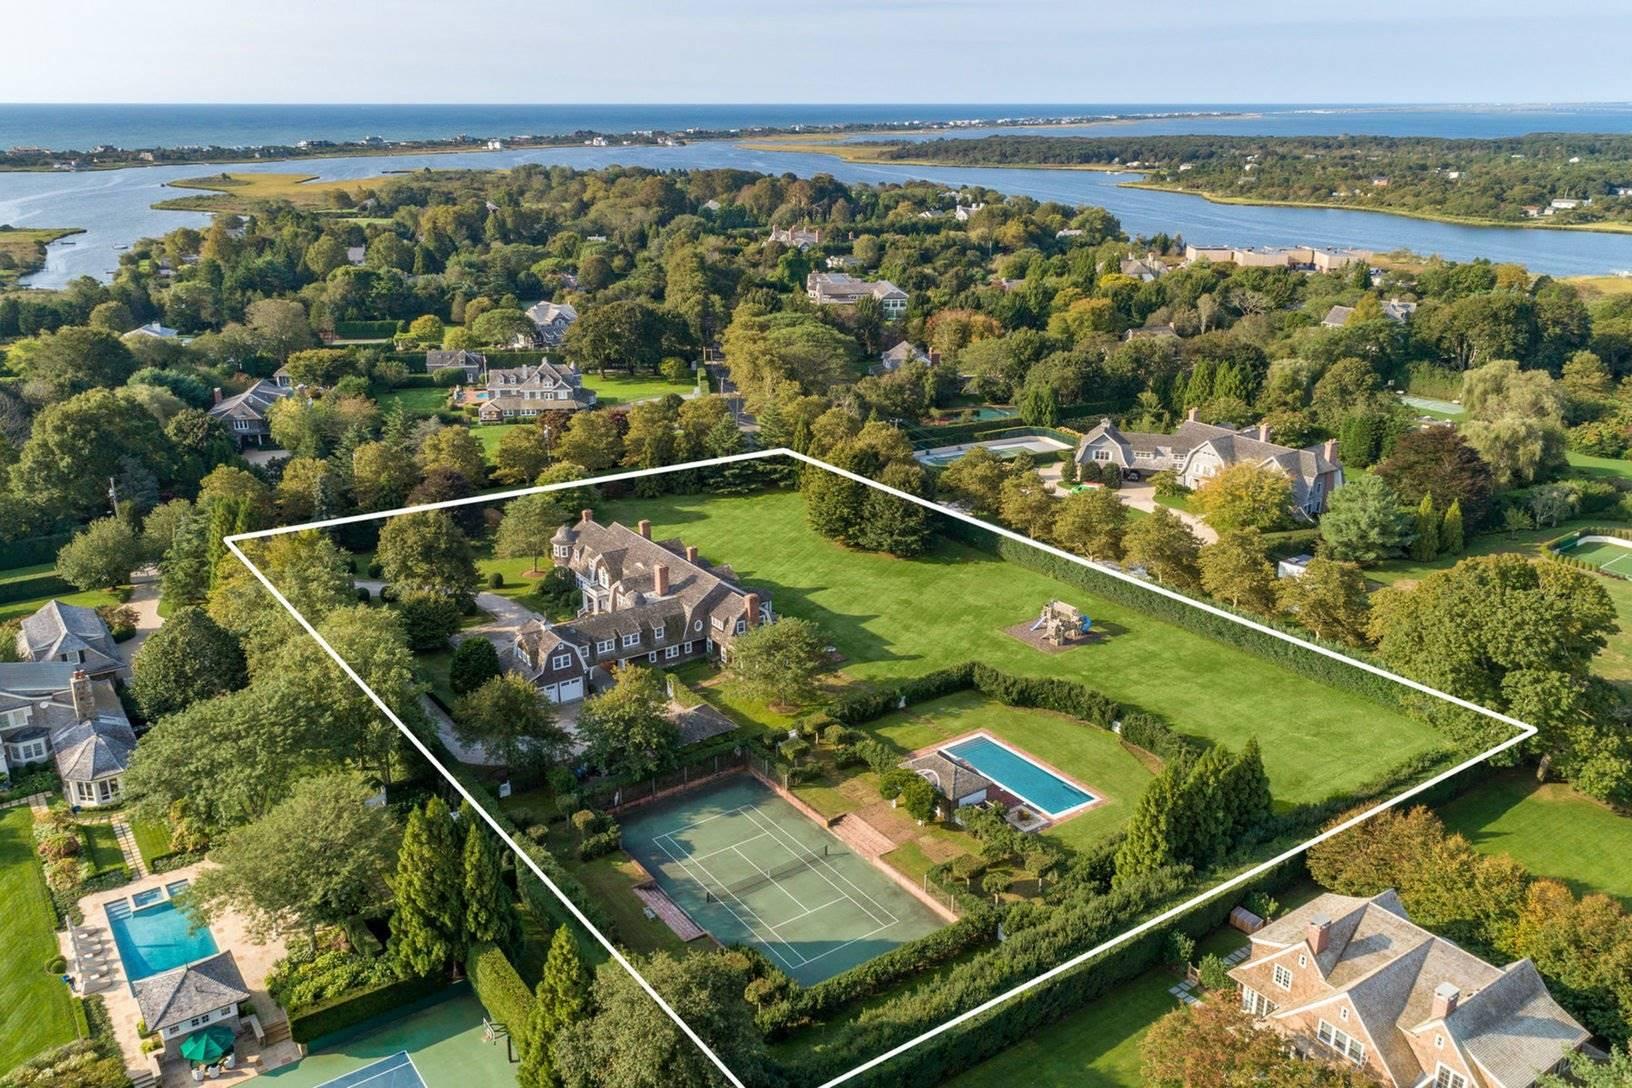 Vista aérea de la casa de Chantal miller en los hamptons. Unos vecinos muy conocidos